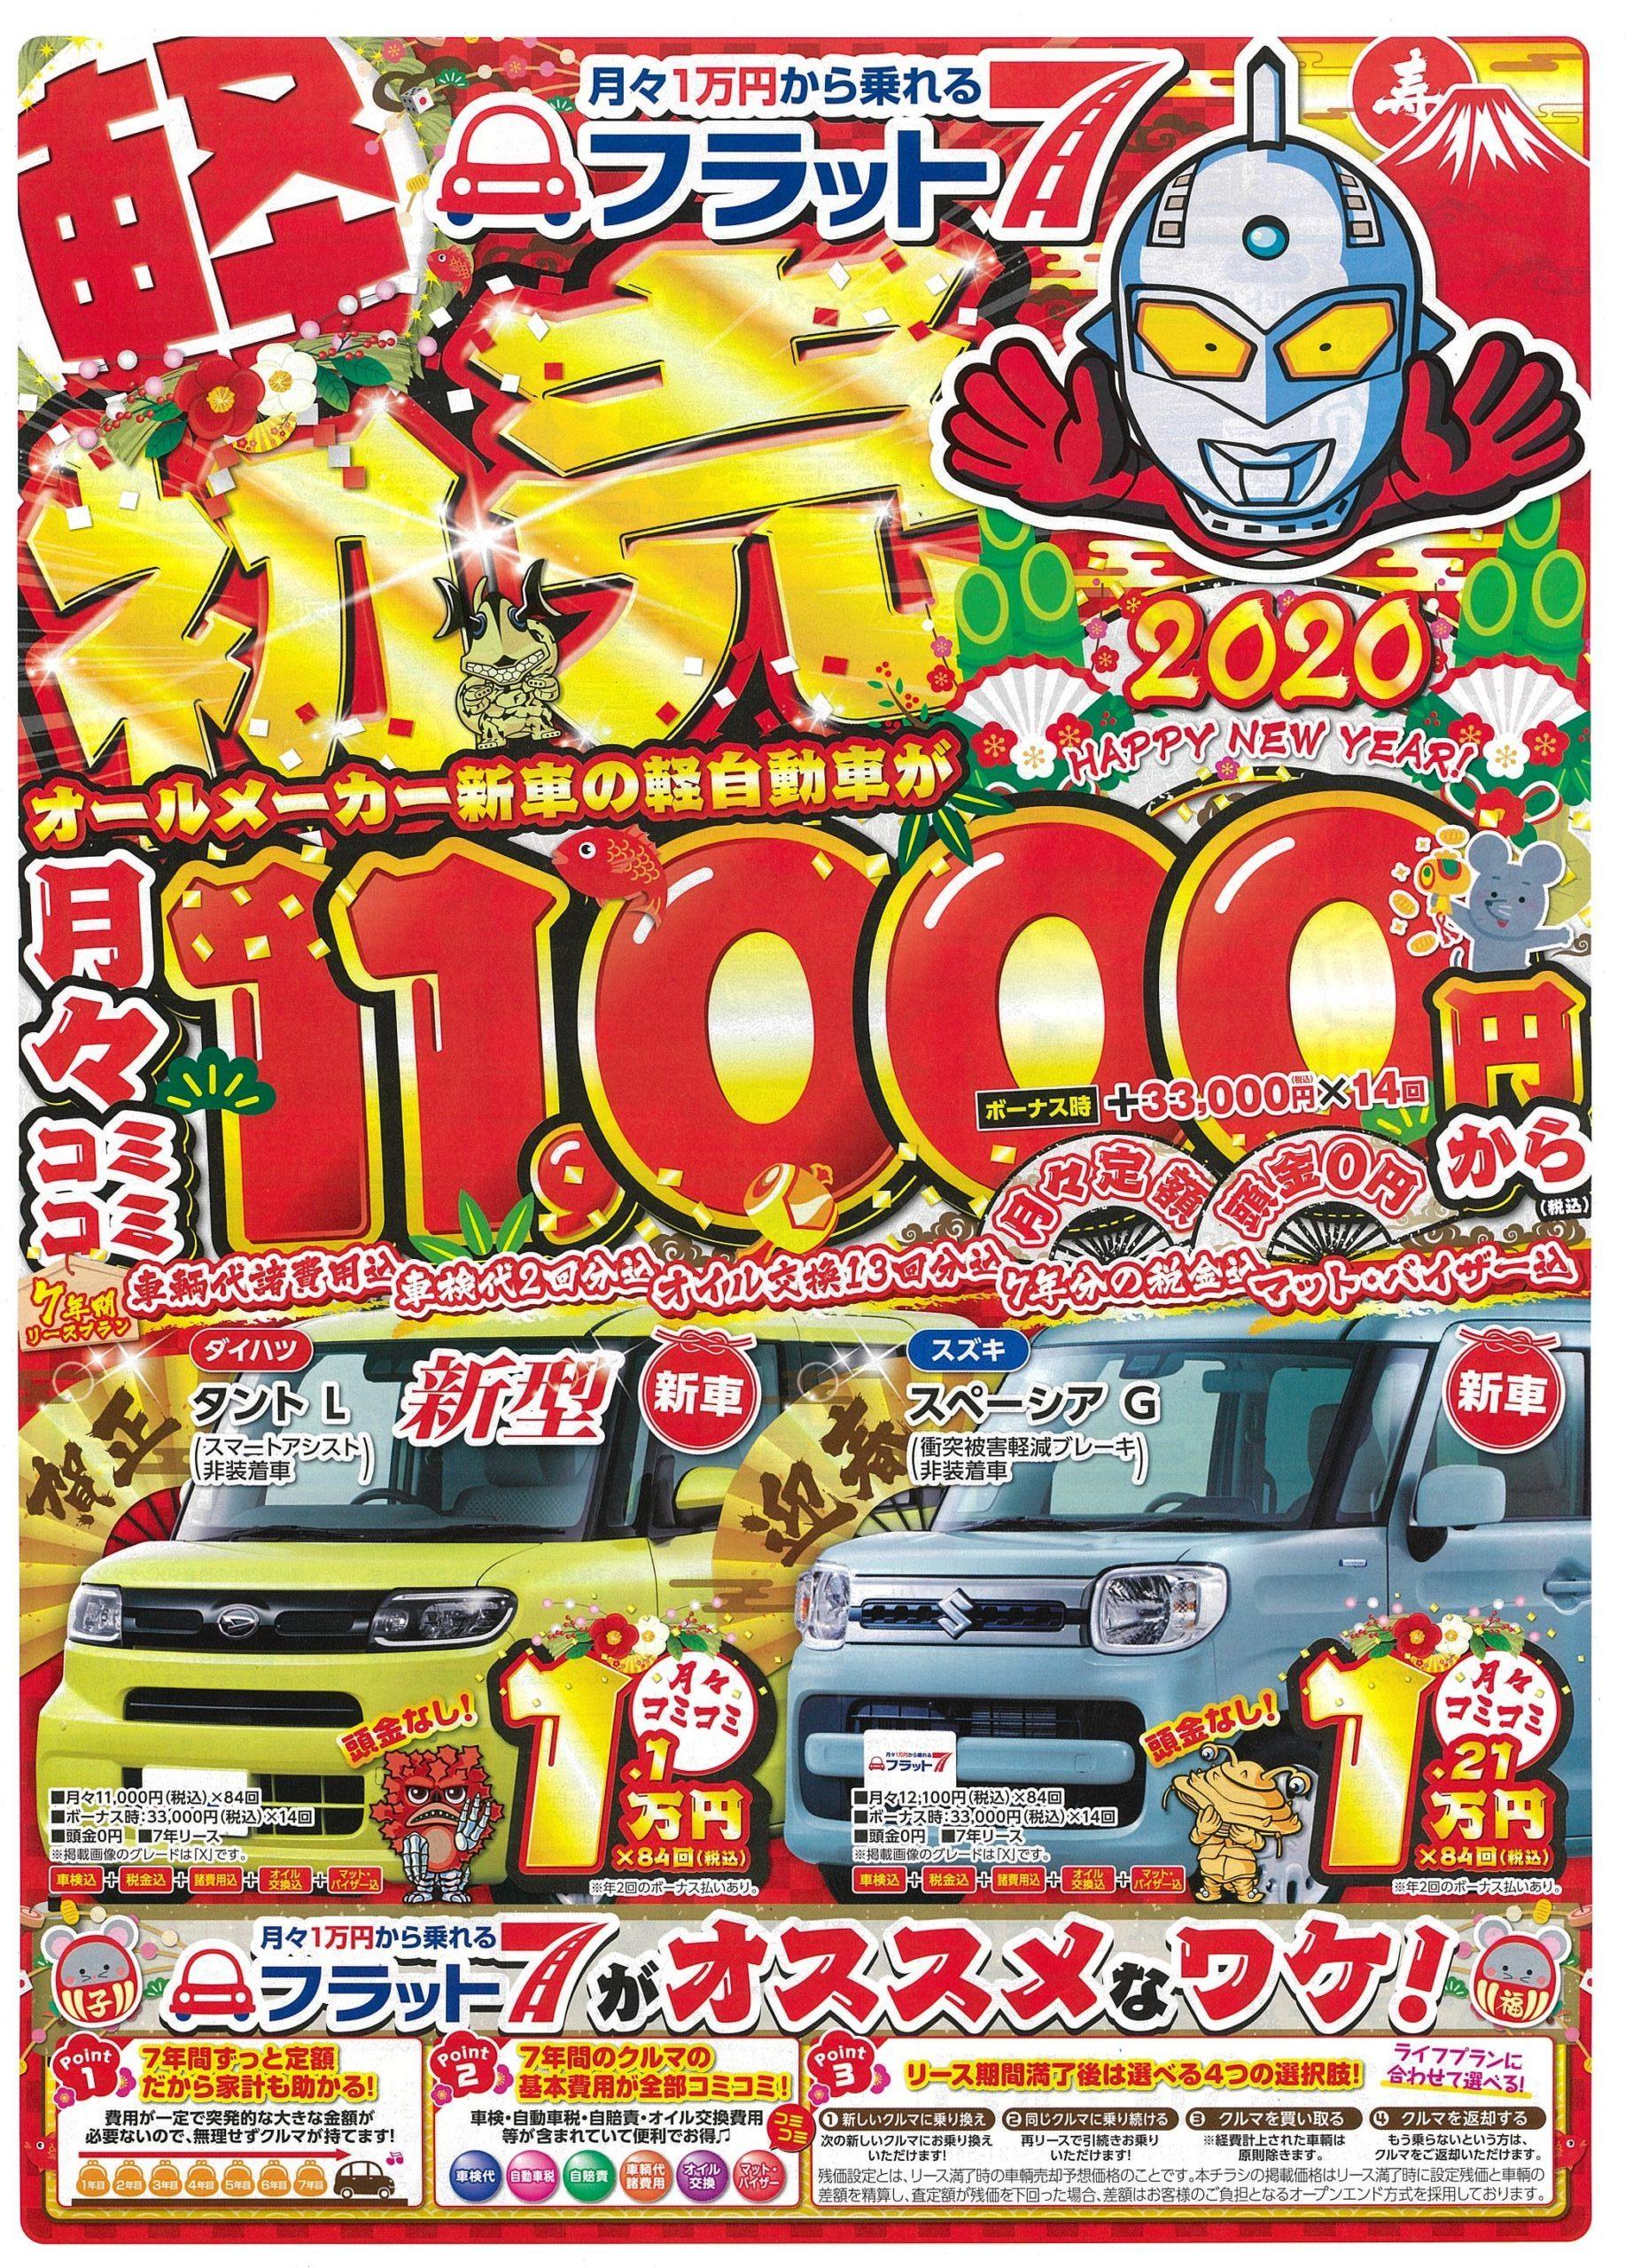 2020新春初売り情報!!|東広島市カーリースならフラット7東広島